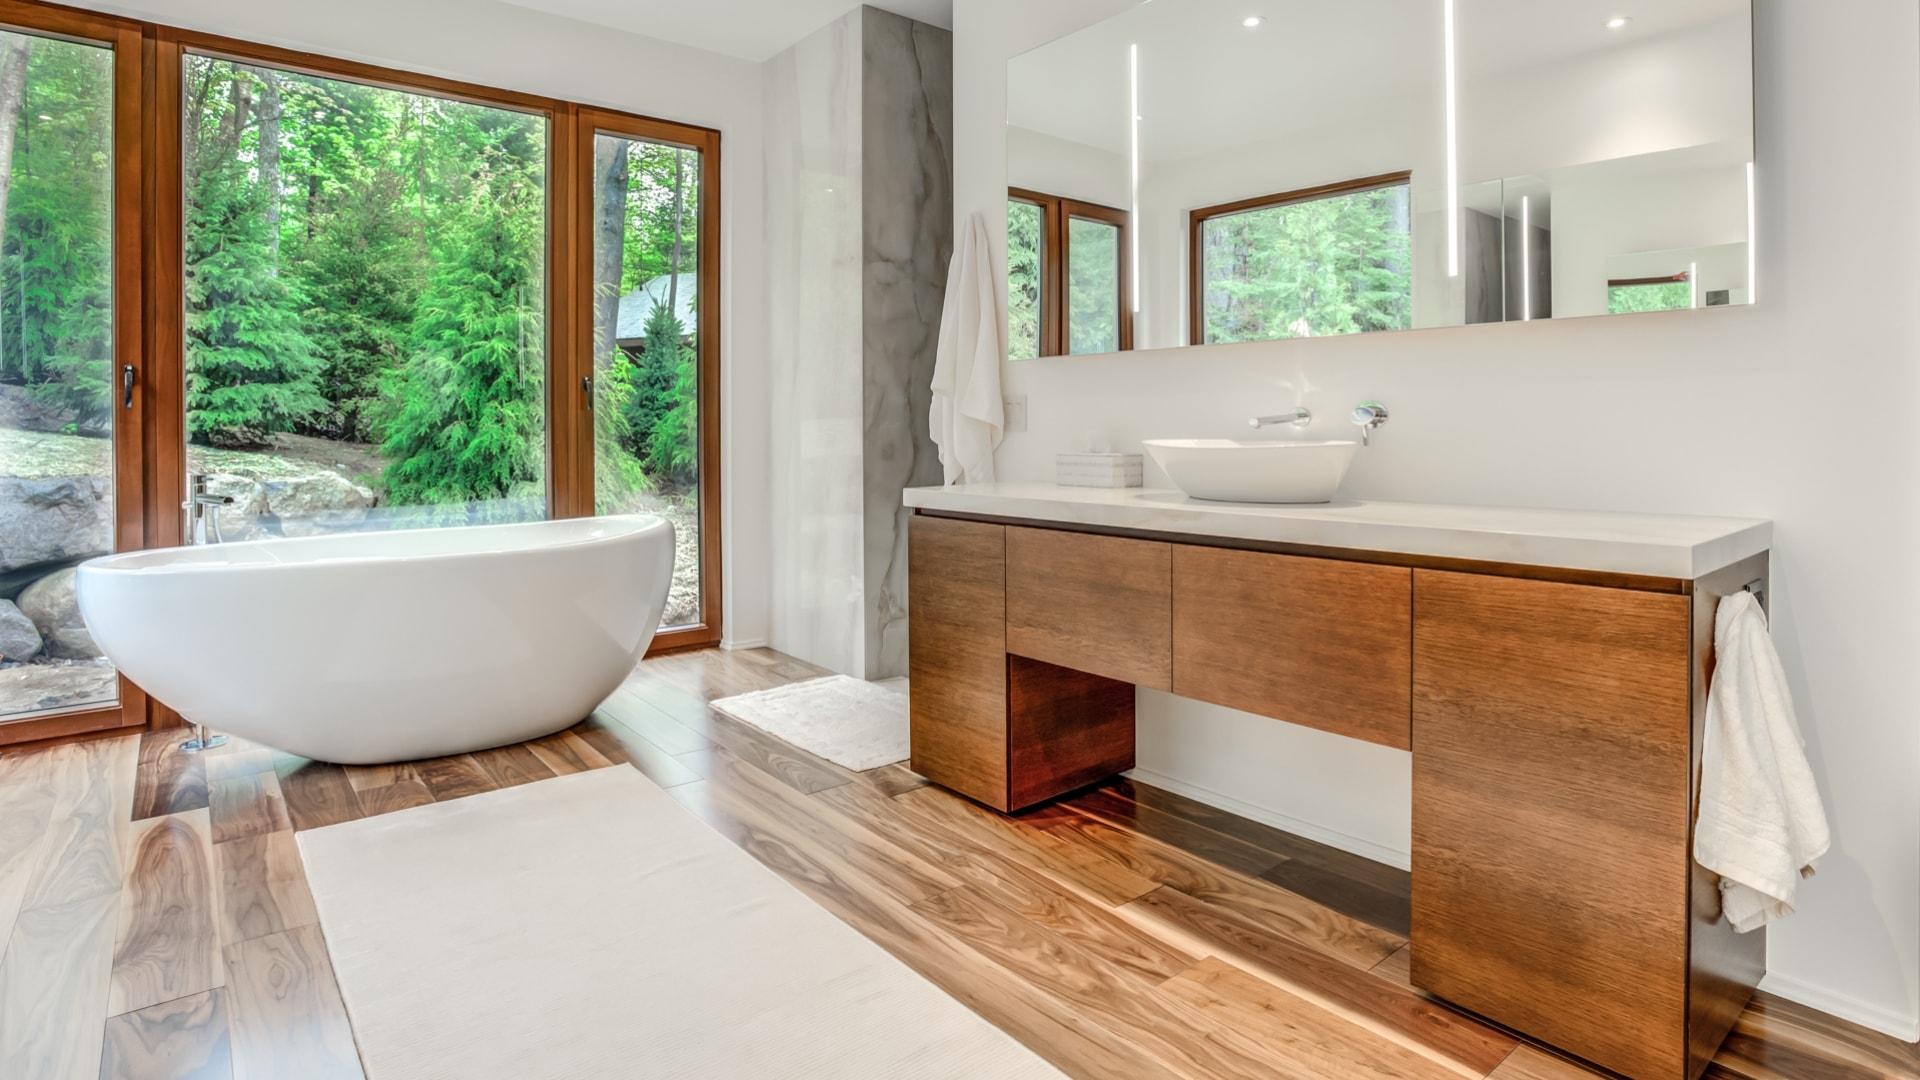 Salle de bain contemporaine en placage de chêne. Une grande baignoire autoportante tient place devant de grandes baies vitrées.